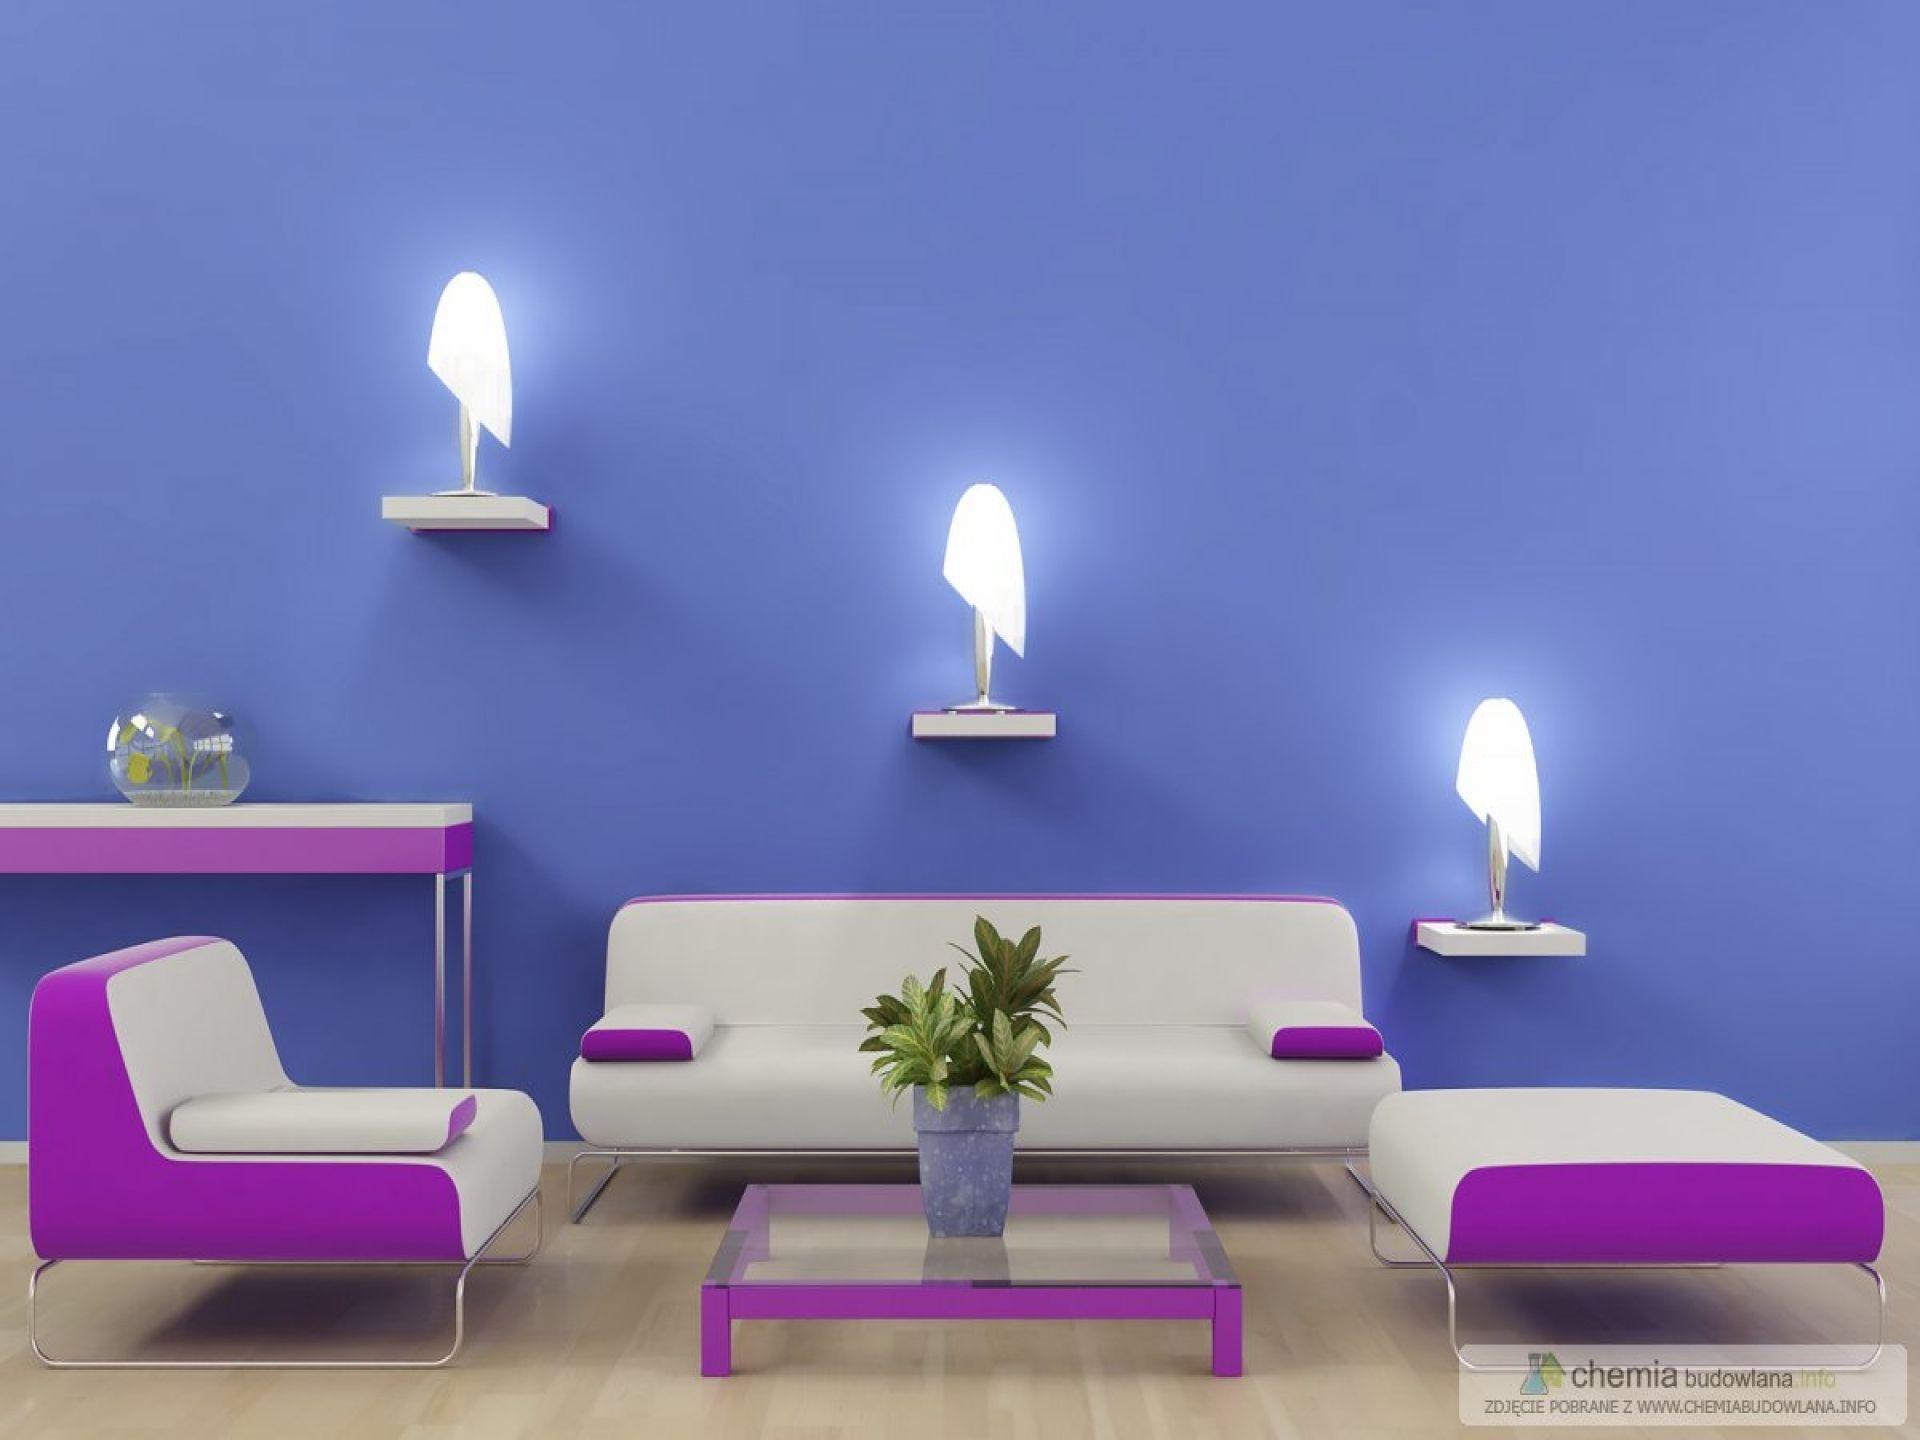 Elegant Schlafzimmer Malerei Und Design   Schlafzimmer